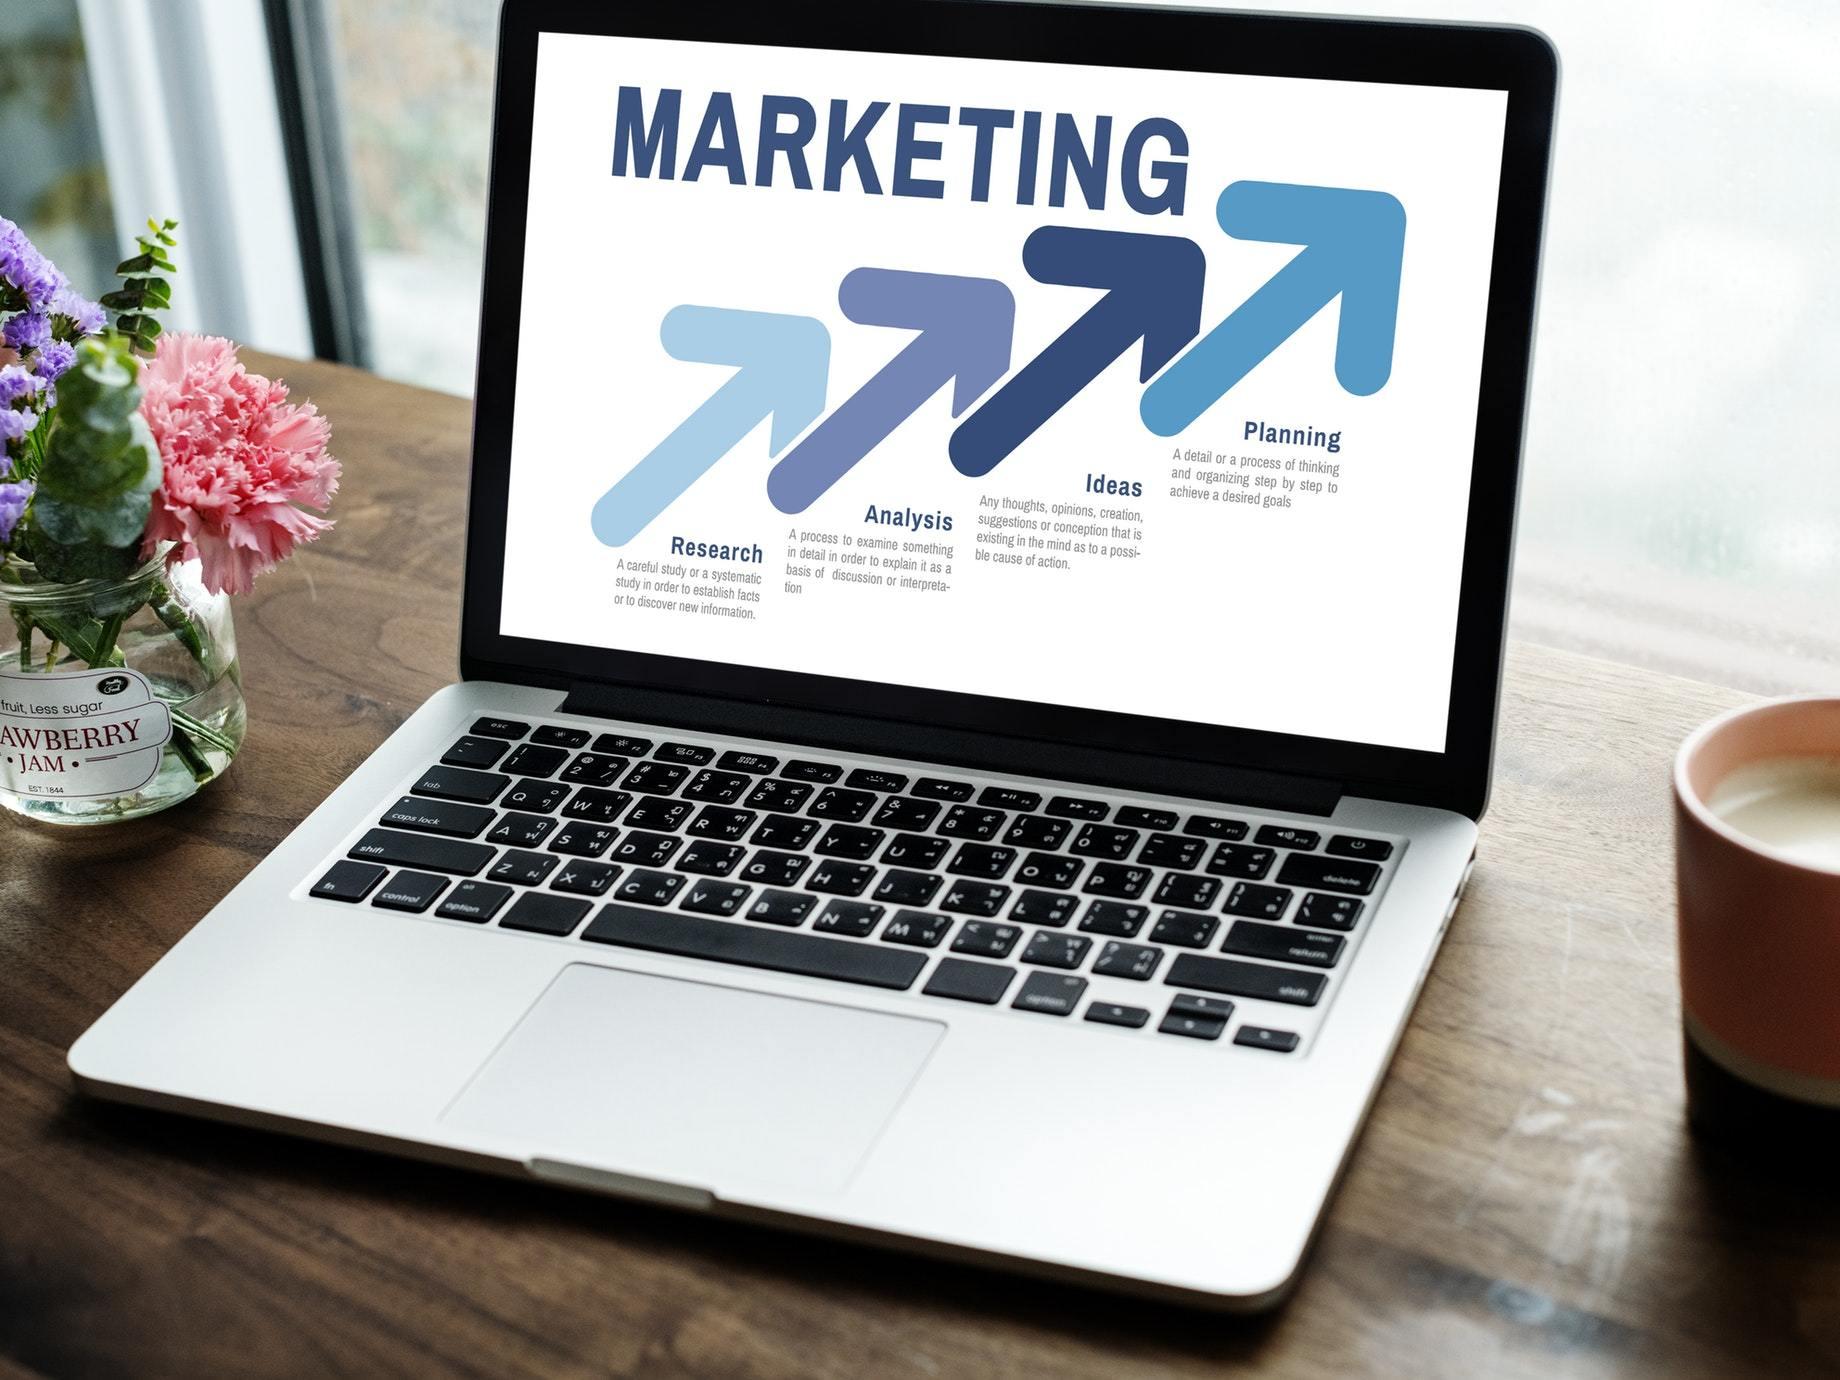 行銷也能自動化?行銷人必知的3種自動化工具